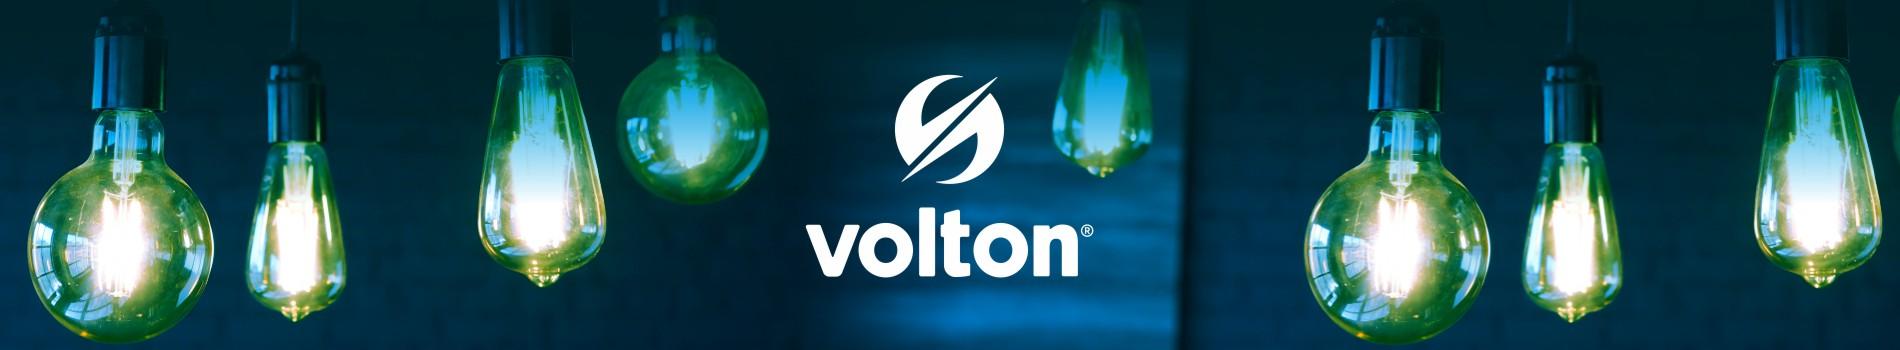 Volton ηλεκτρική ενέργεια και φυσικό αέριο